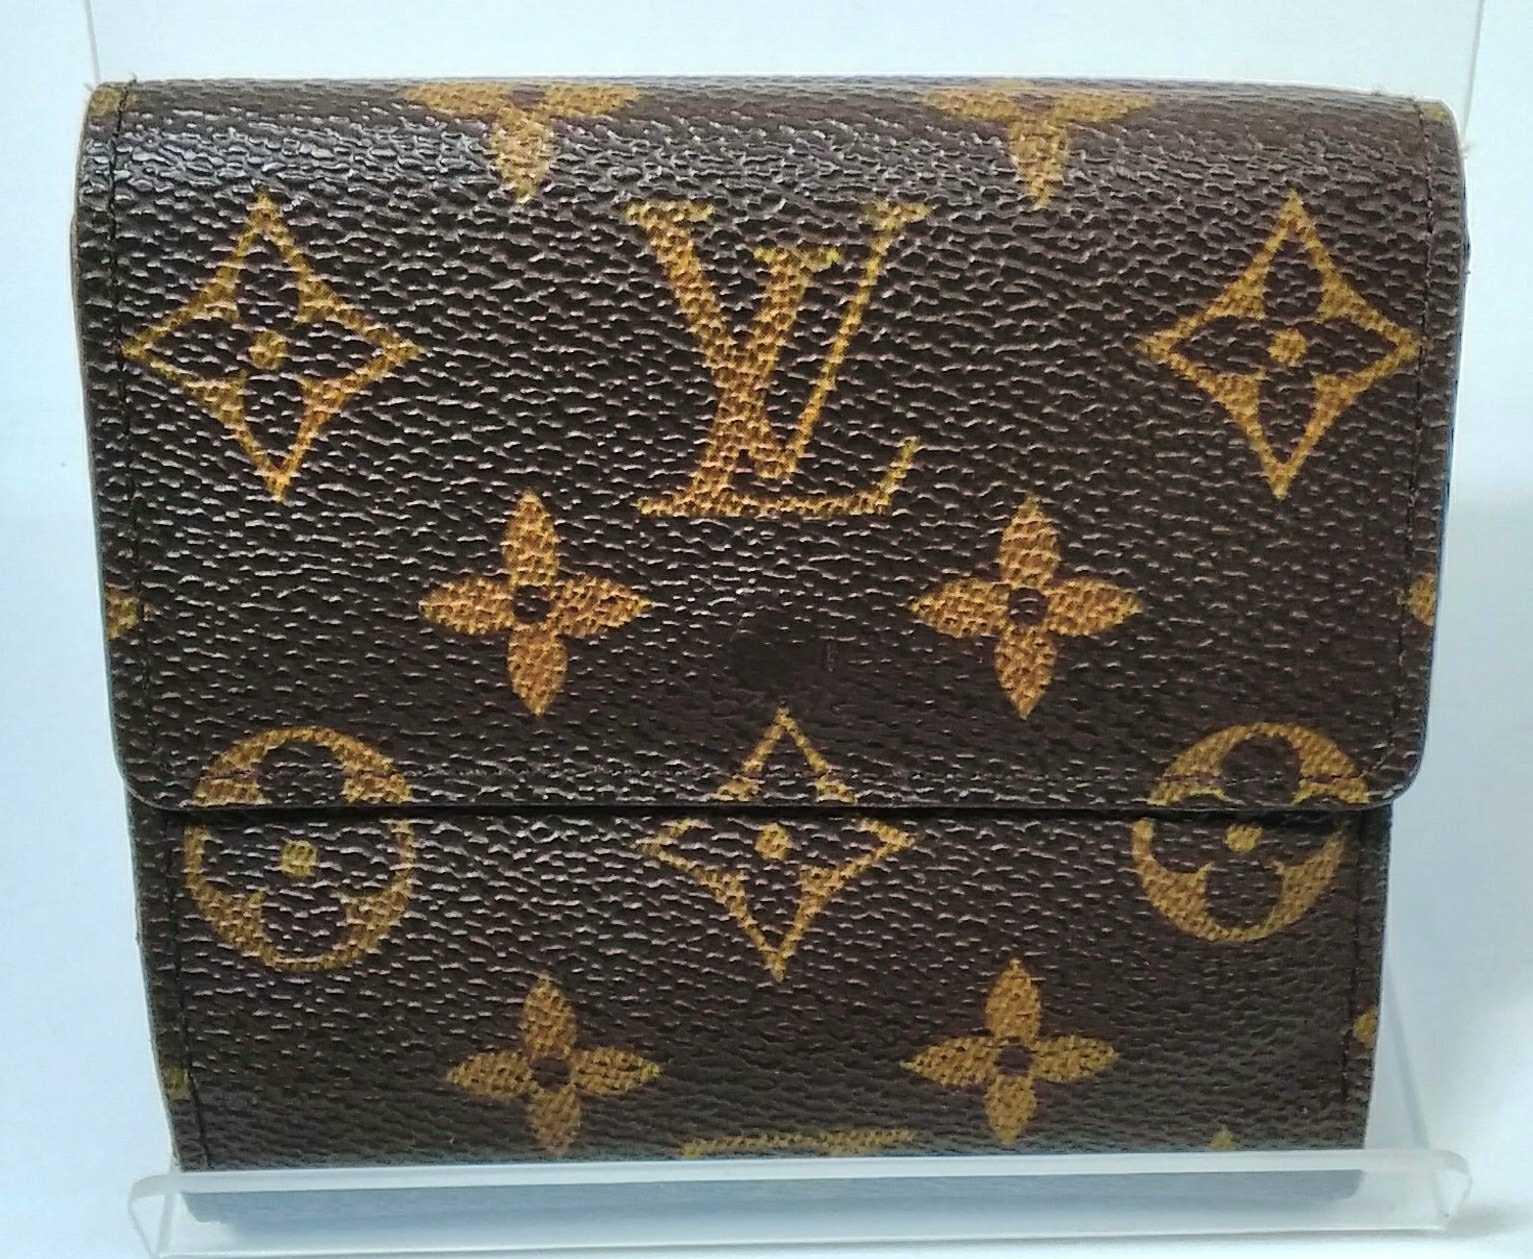 Wホック財布|ルイヴィトン